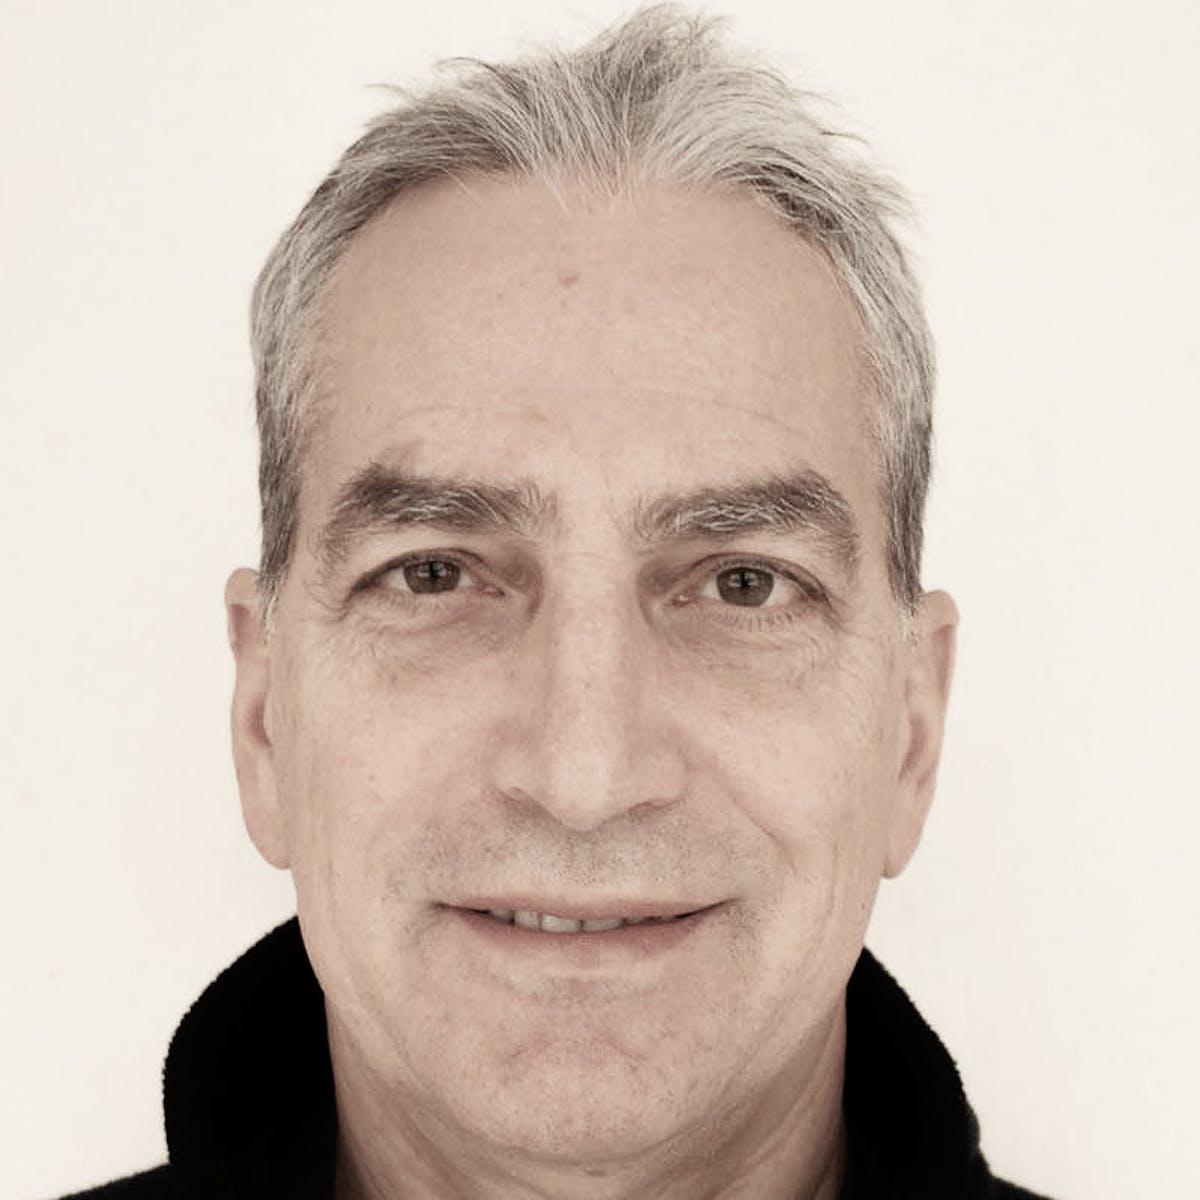 Dr. Eric Dinerstein